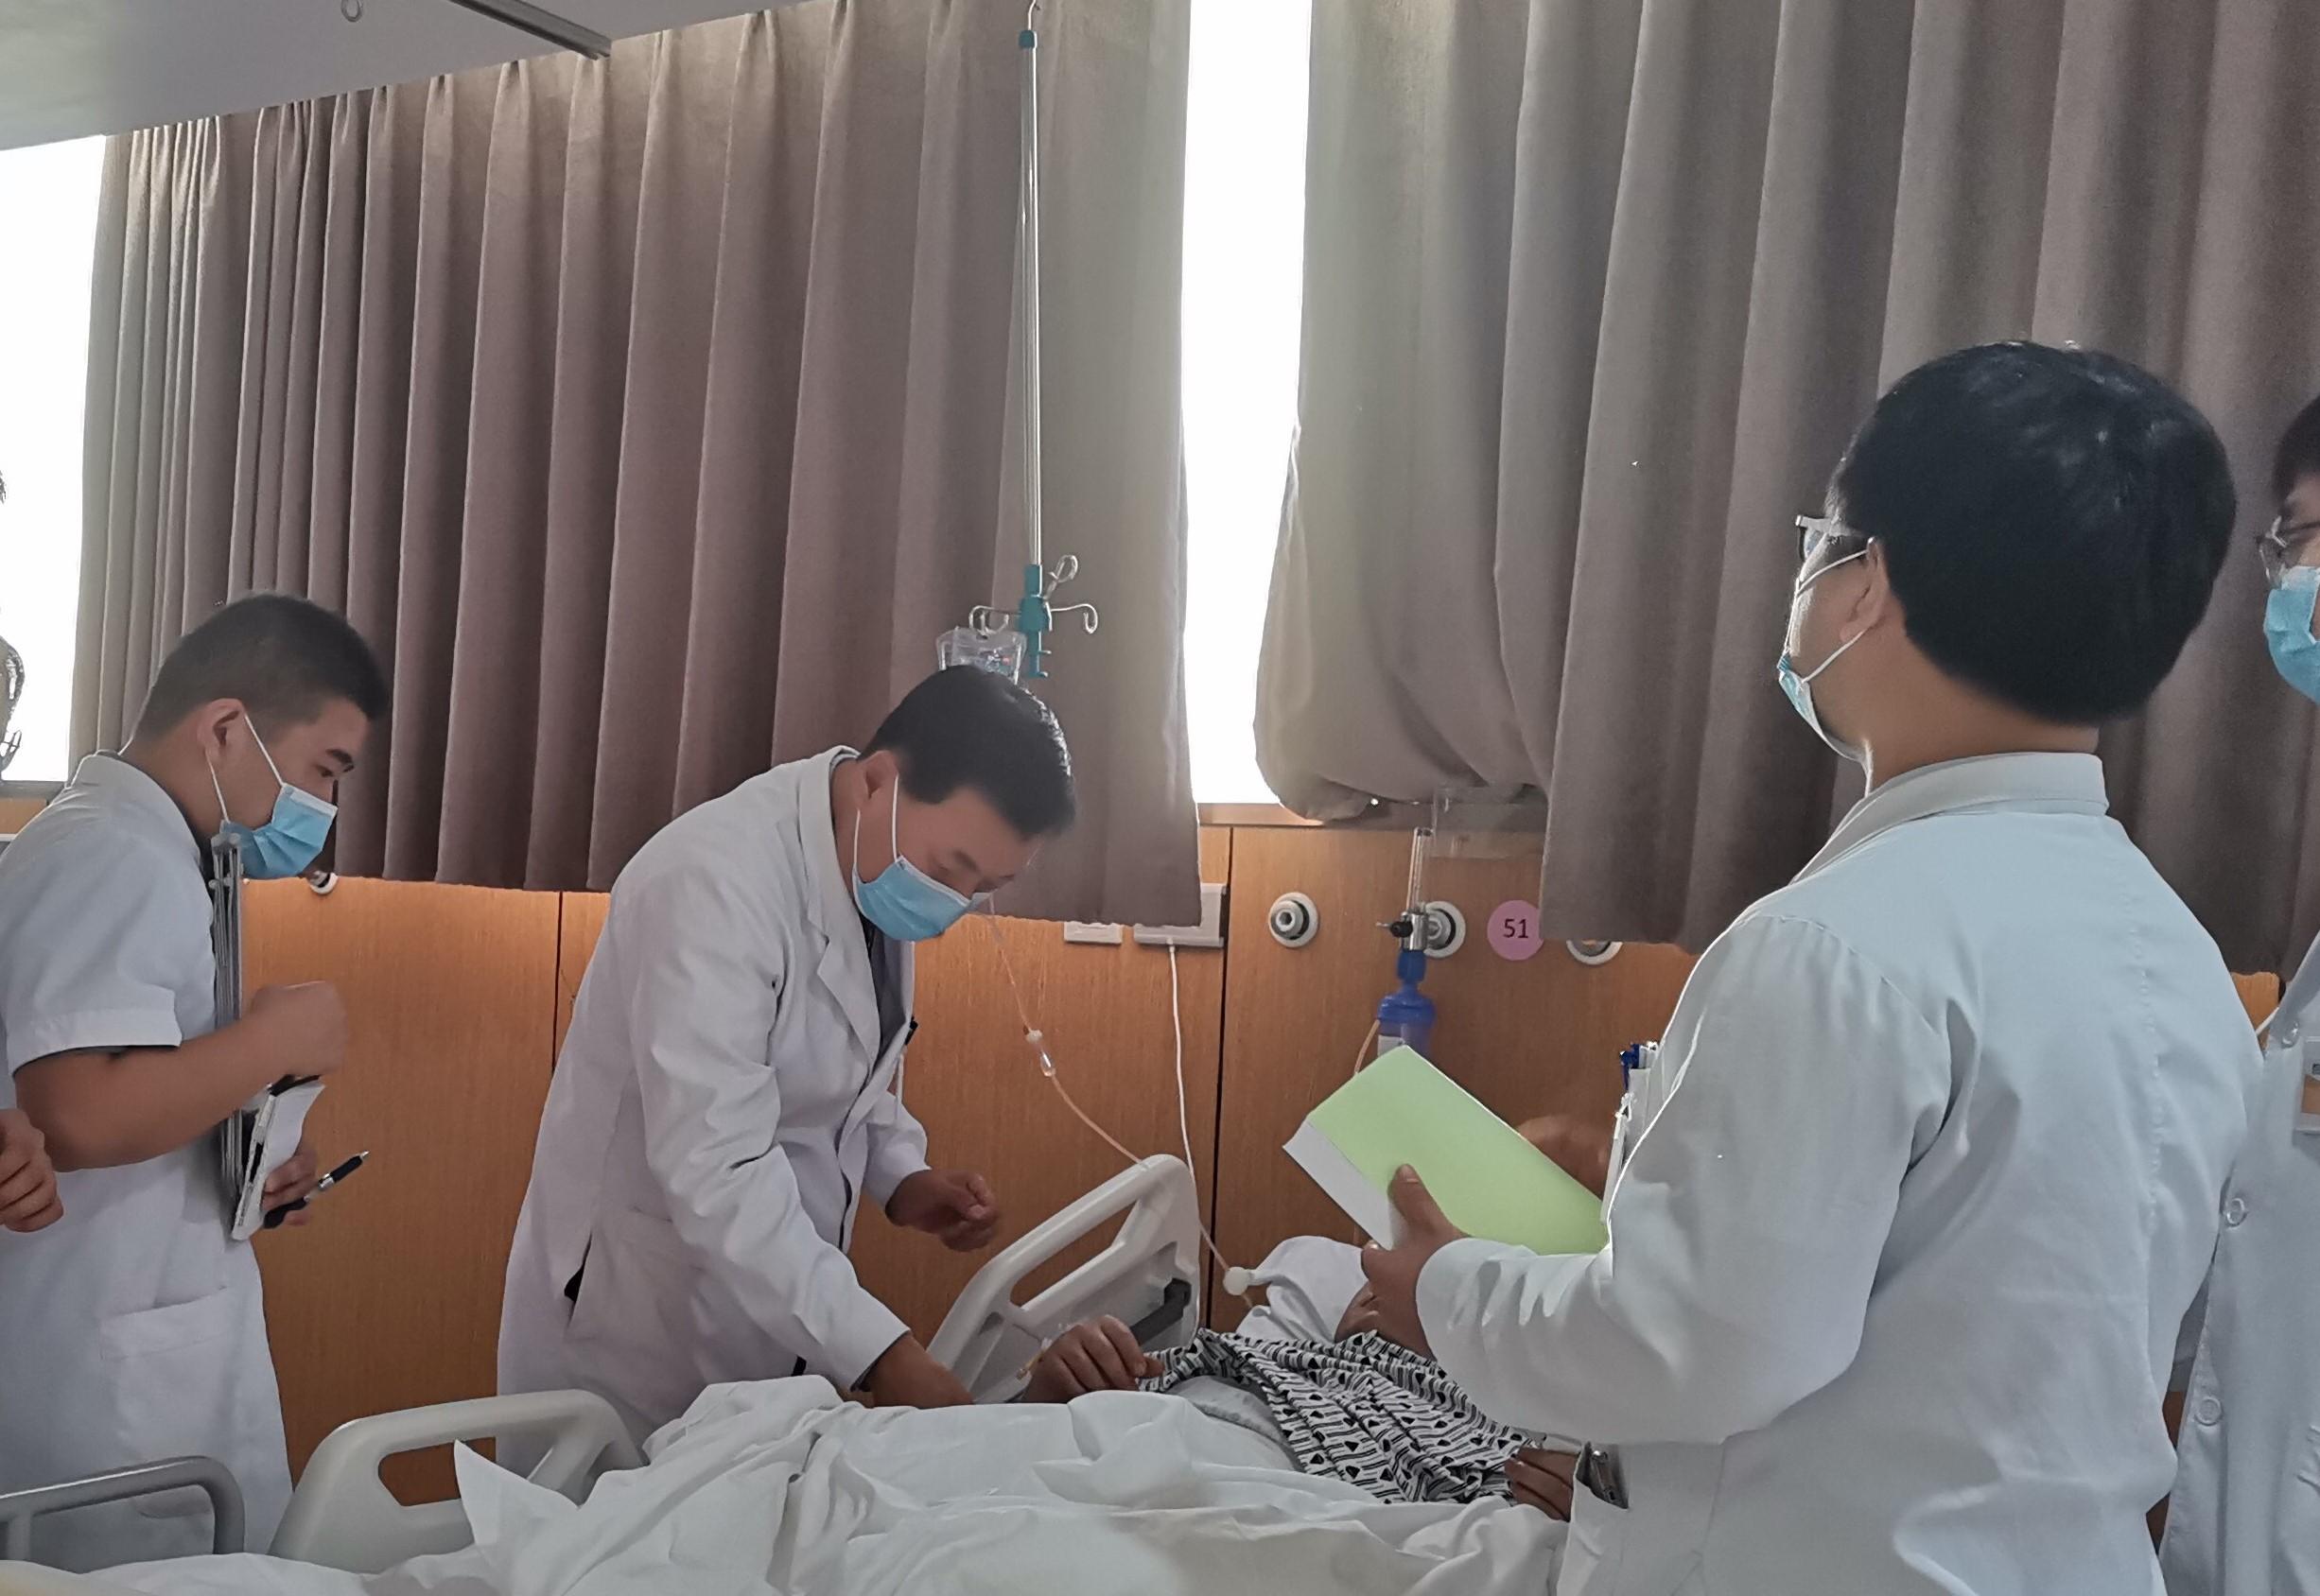 北京优联医院精准施治  起死回生,成功救治一名因结肠多发癌晚期七患者